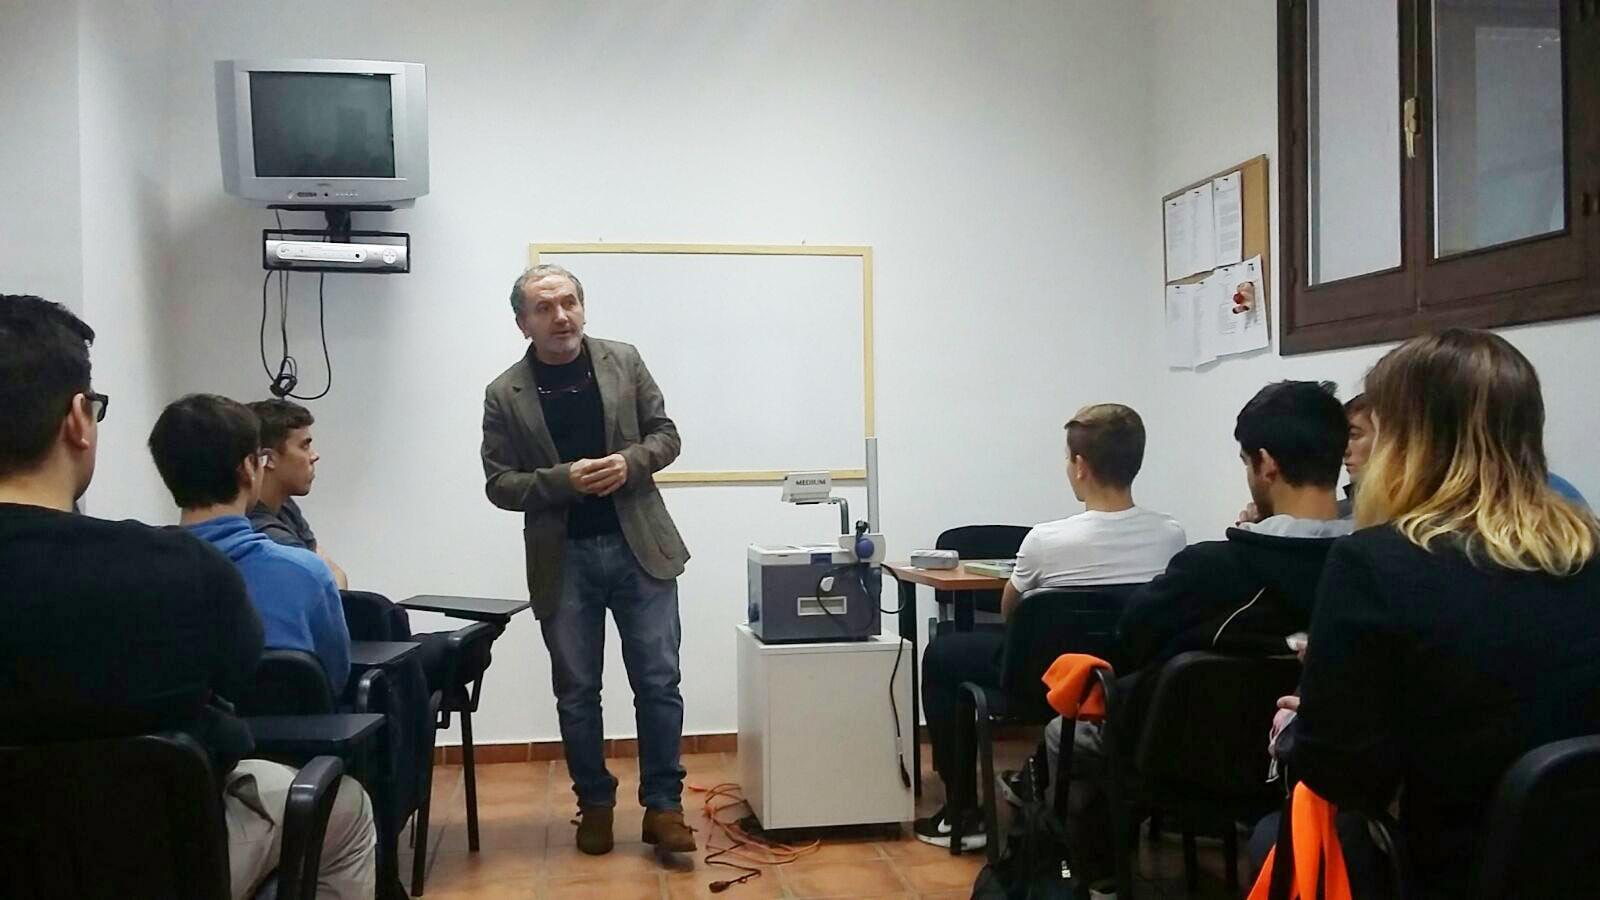 """Los alumnos de Sala recibieron una charla sobre la """"Actitud en el Servicio"""" impartido por Manolo Espada responsable del Restaurante La Escalera de Manolo Espada."""